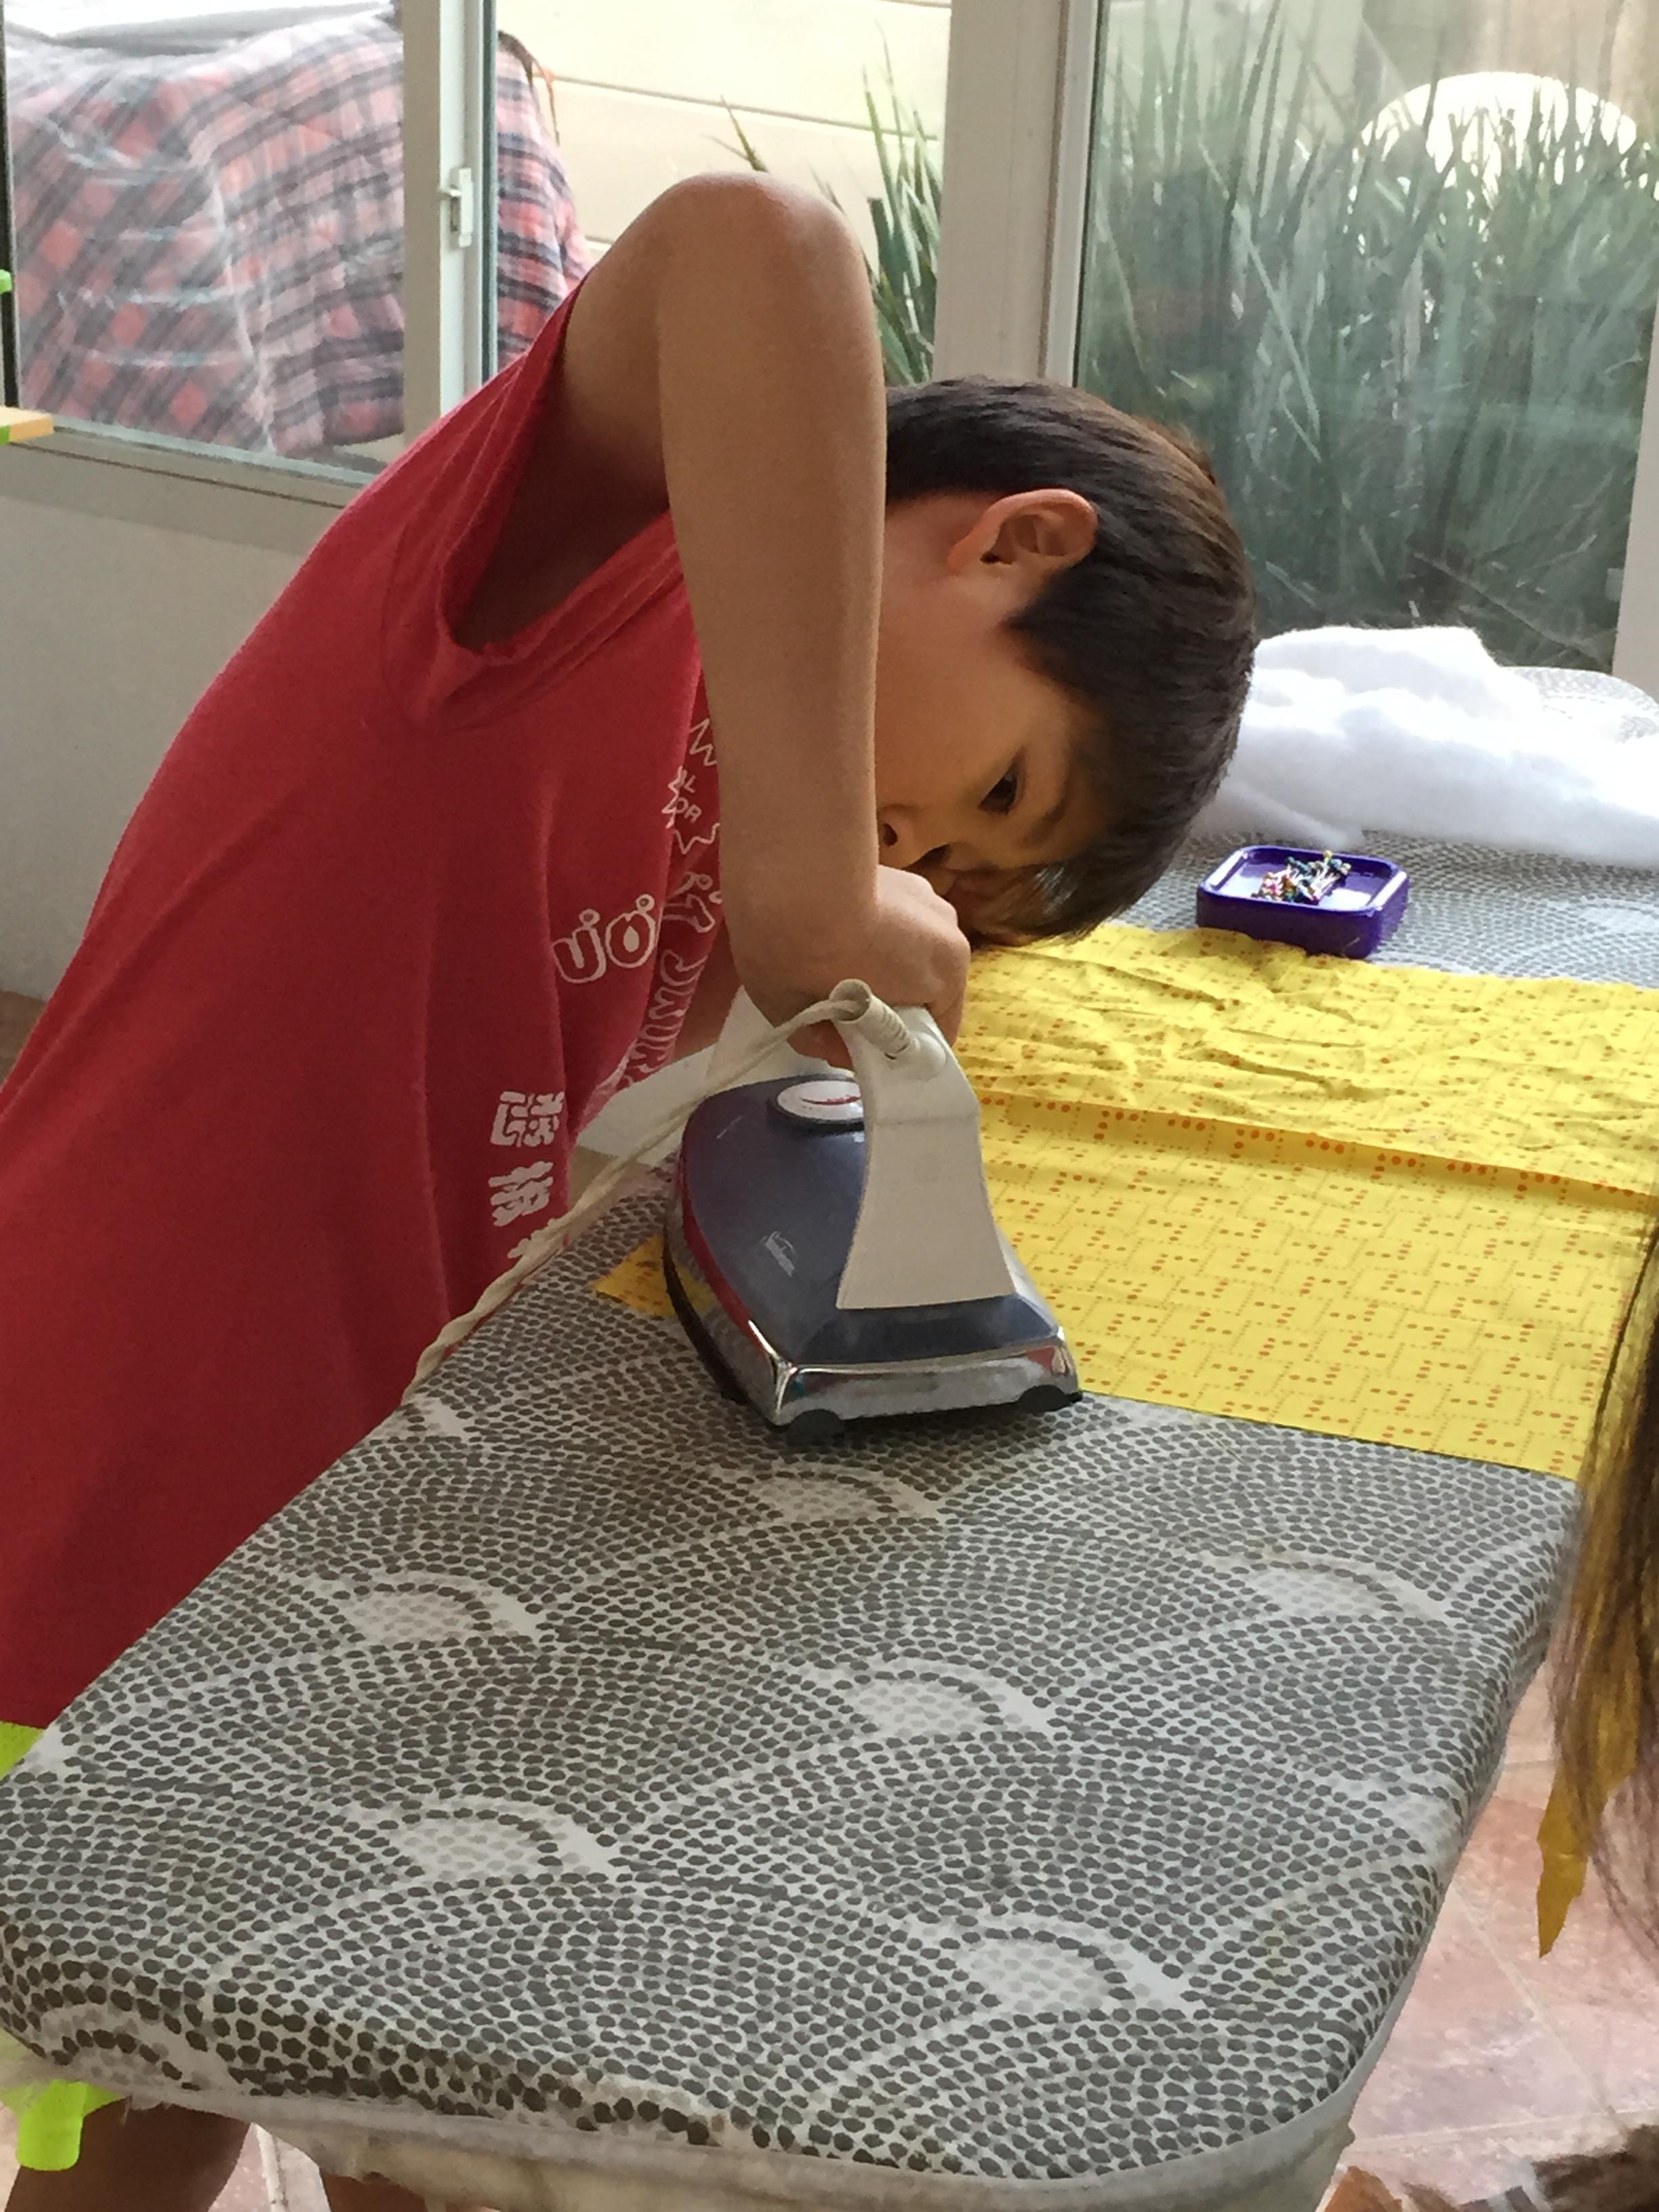 Ironing.